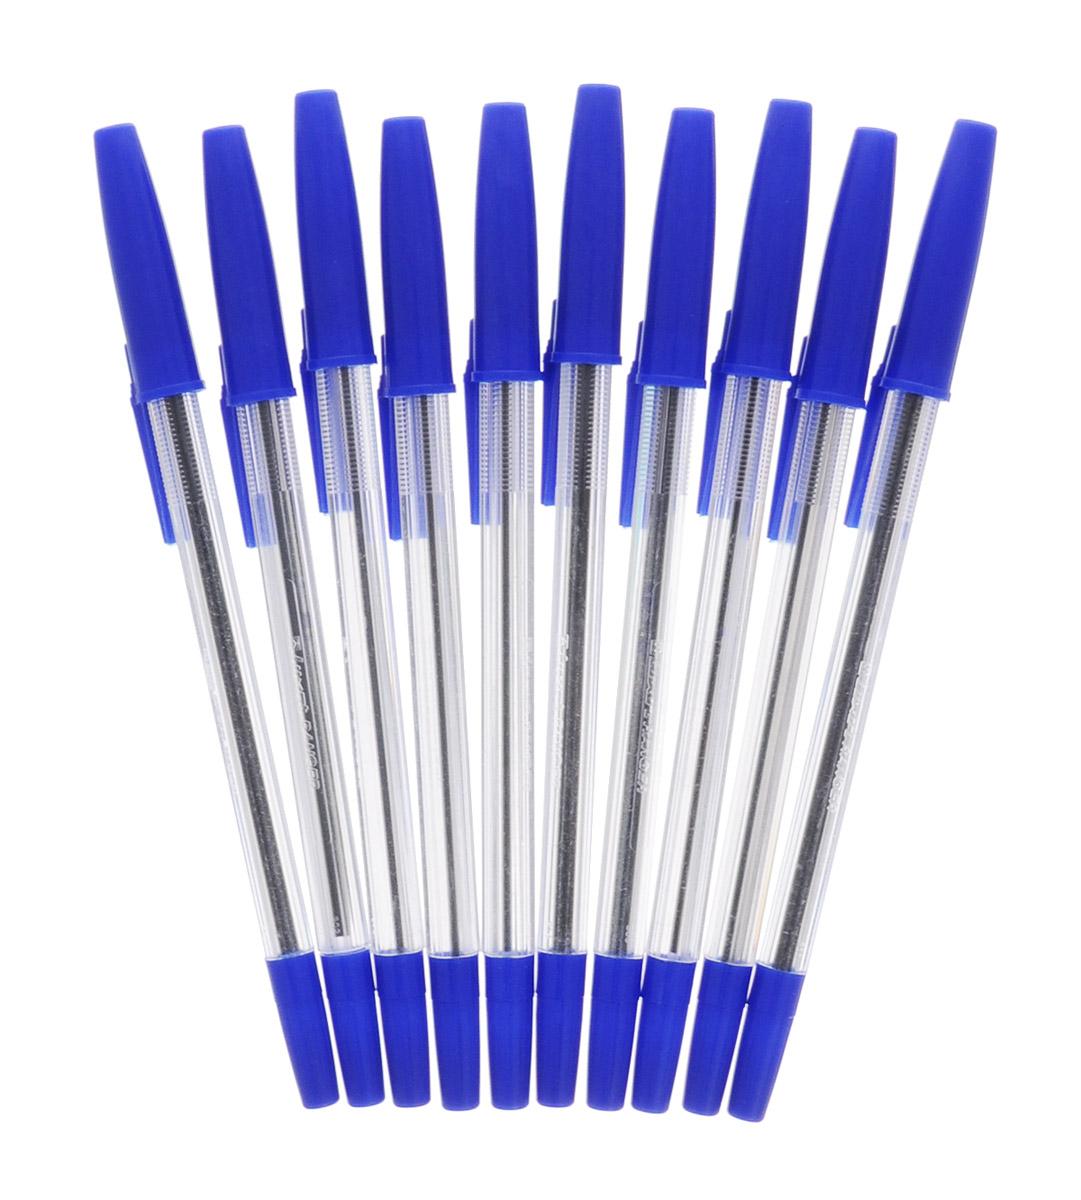 Luxor Набор шариковых ручек Ranger цвет чернил синий 10 шт